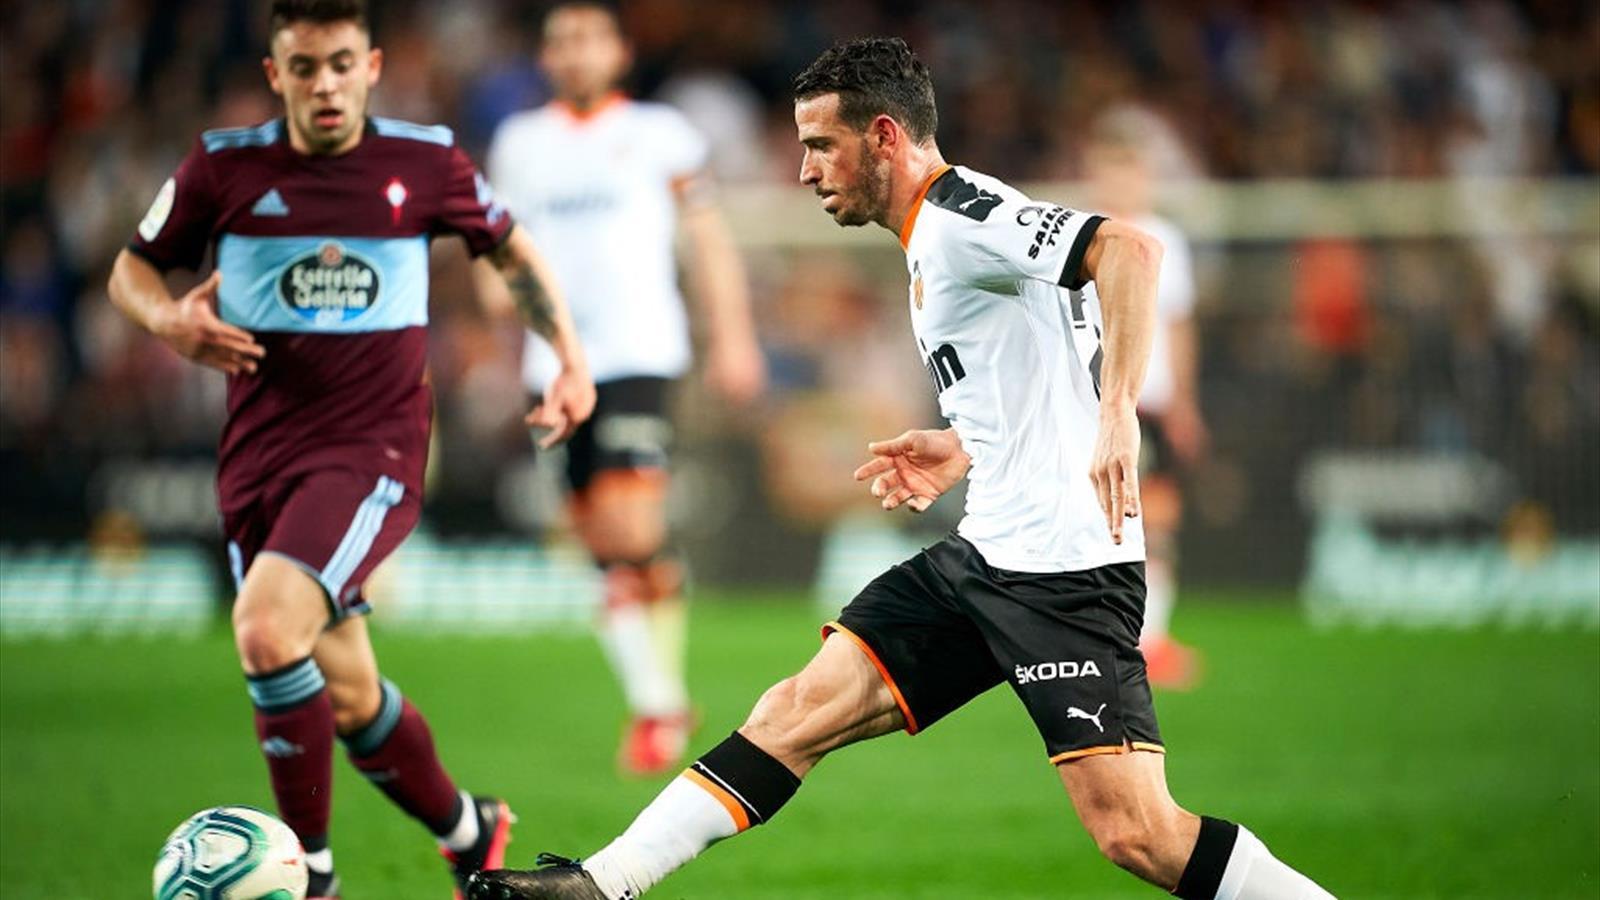 Valencia-Celta Vigo 1-0: esordio per Florenzi, decide il gol di Soler